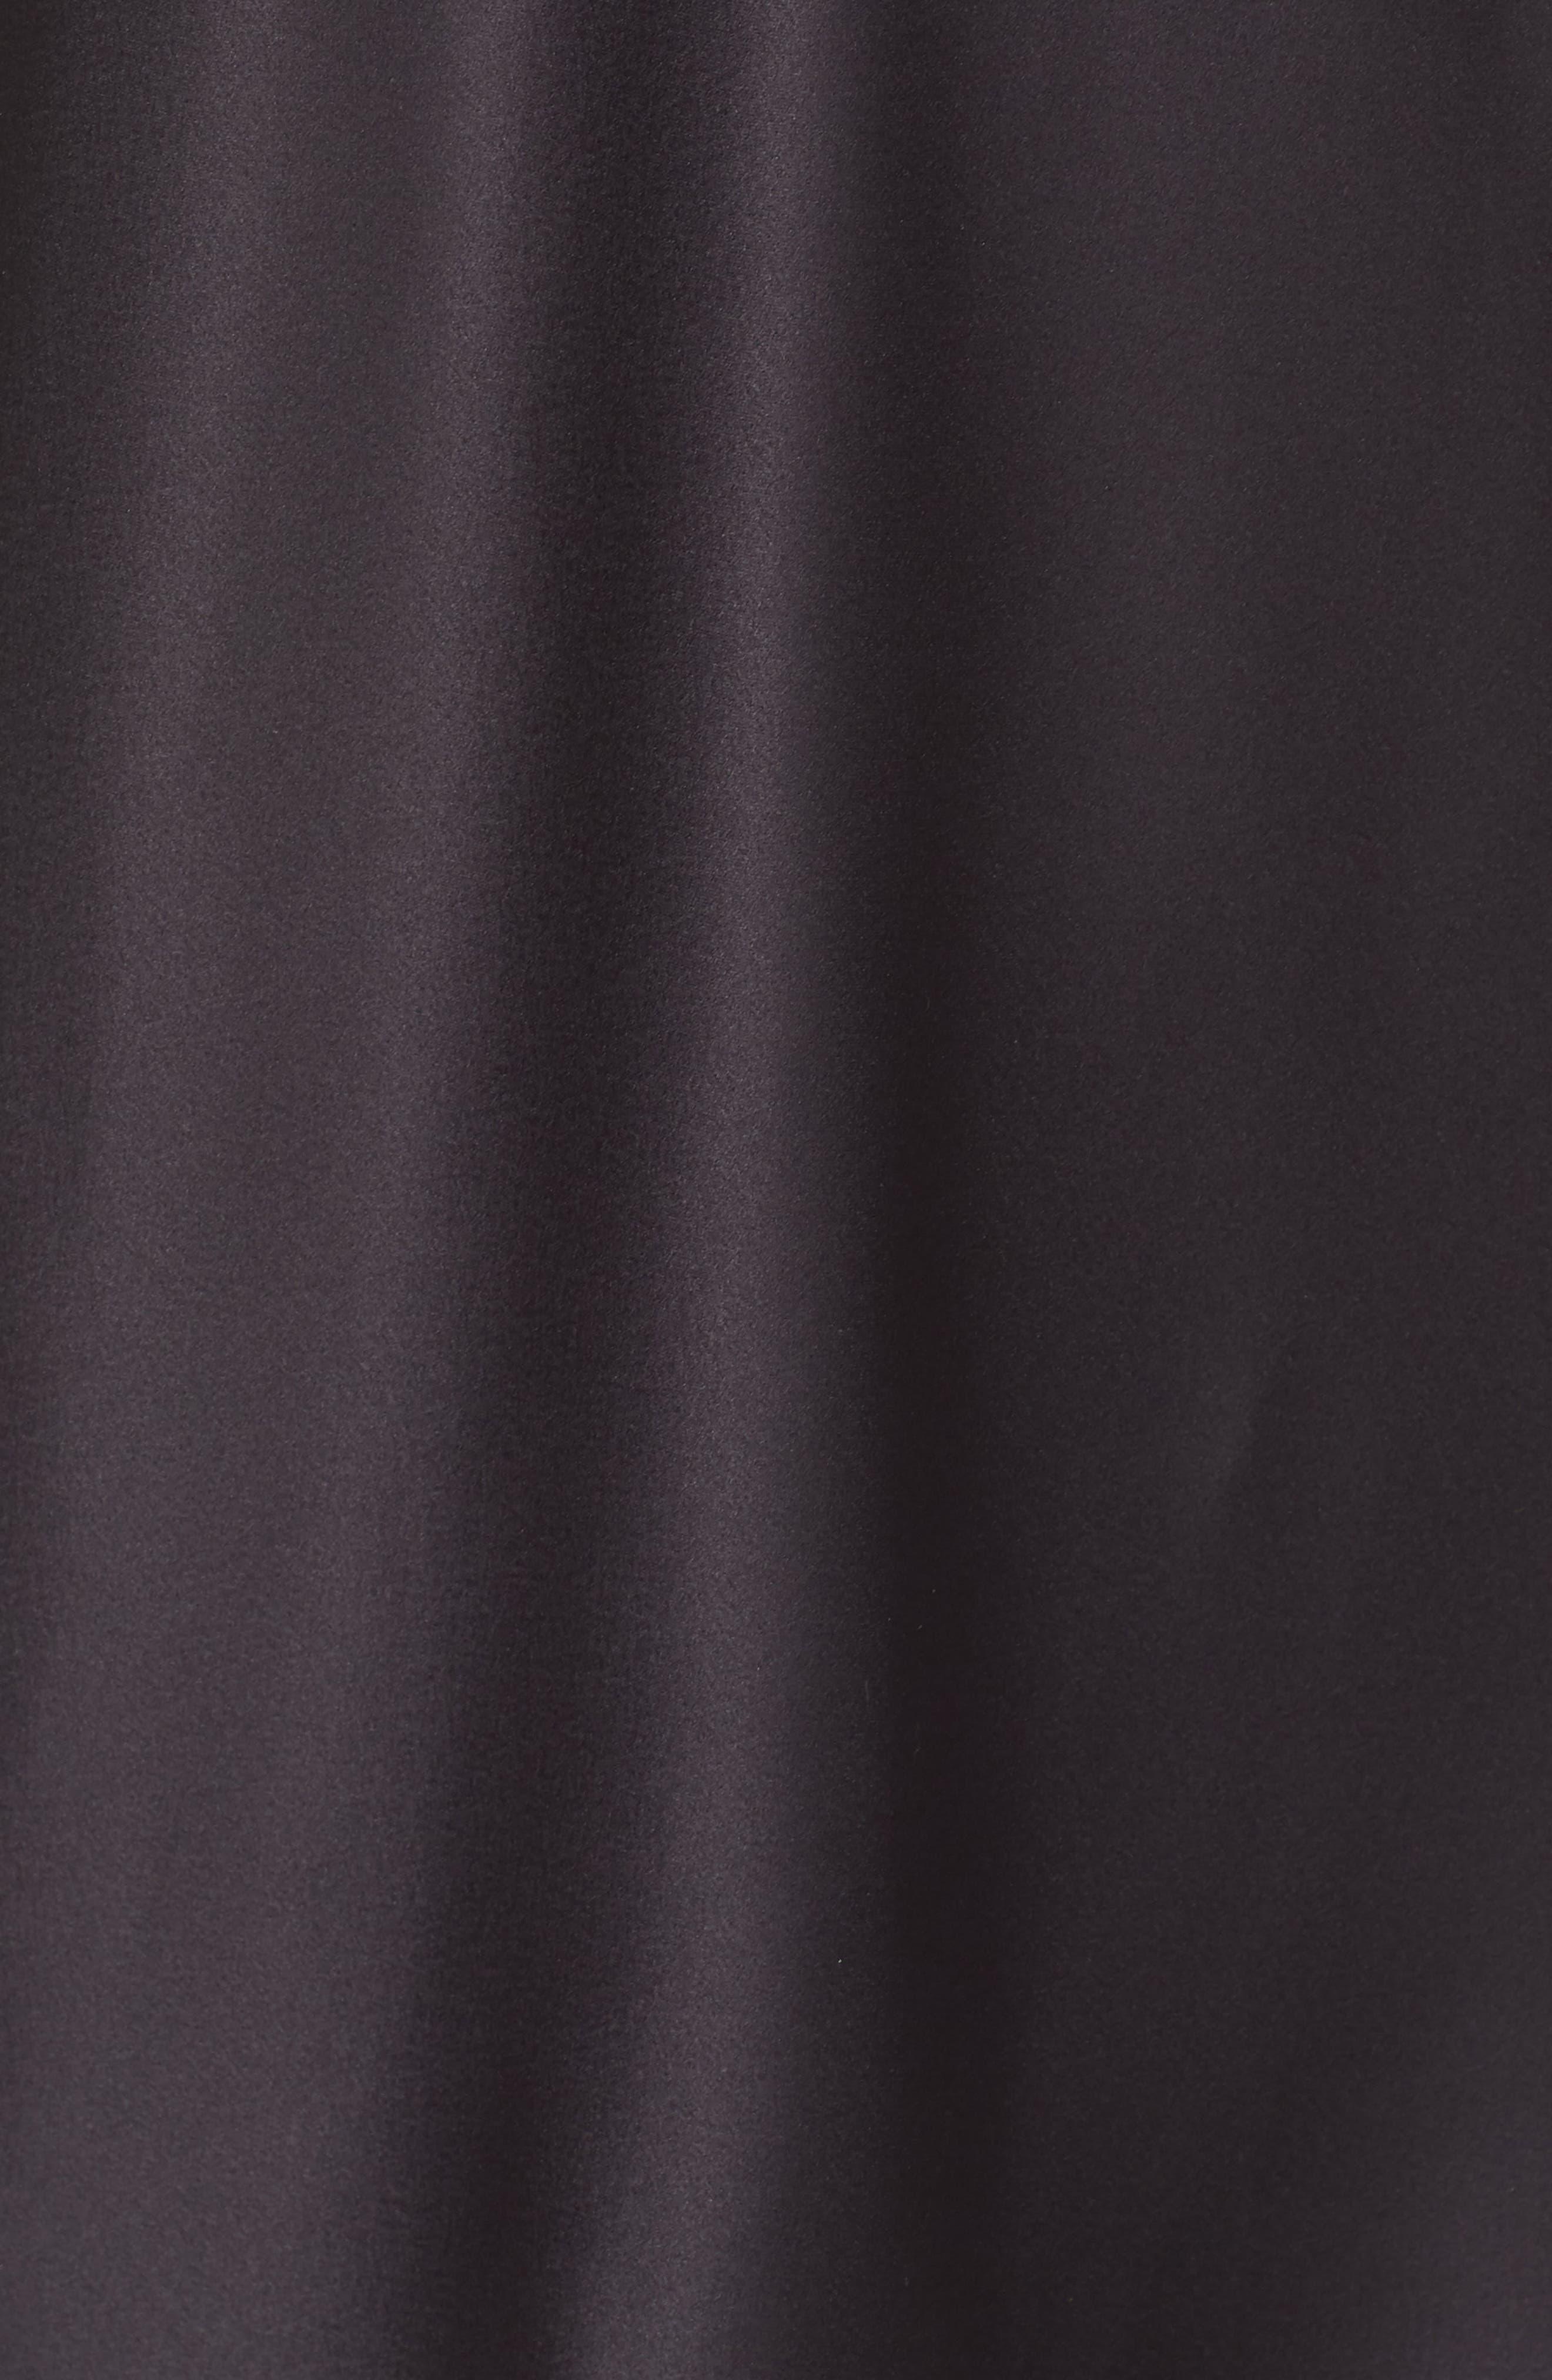 LAUREN RALPH LAUREN, Lace Trim Chemise, Alternate thumbnail 5, color, BLACK